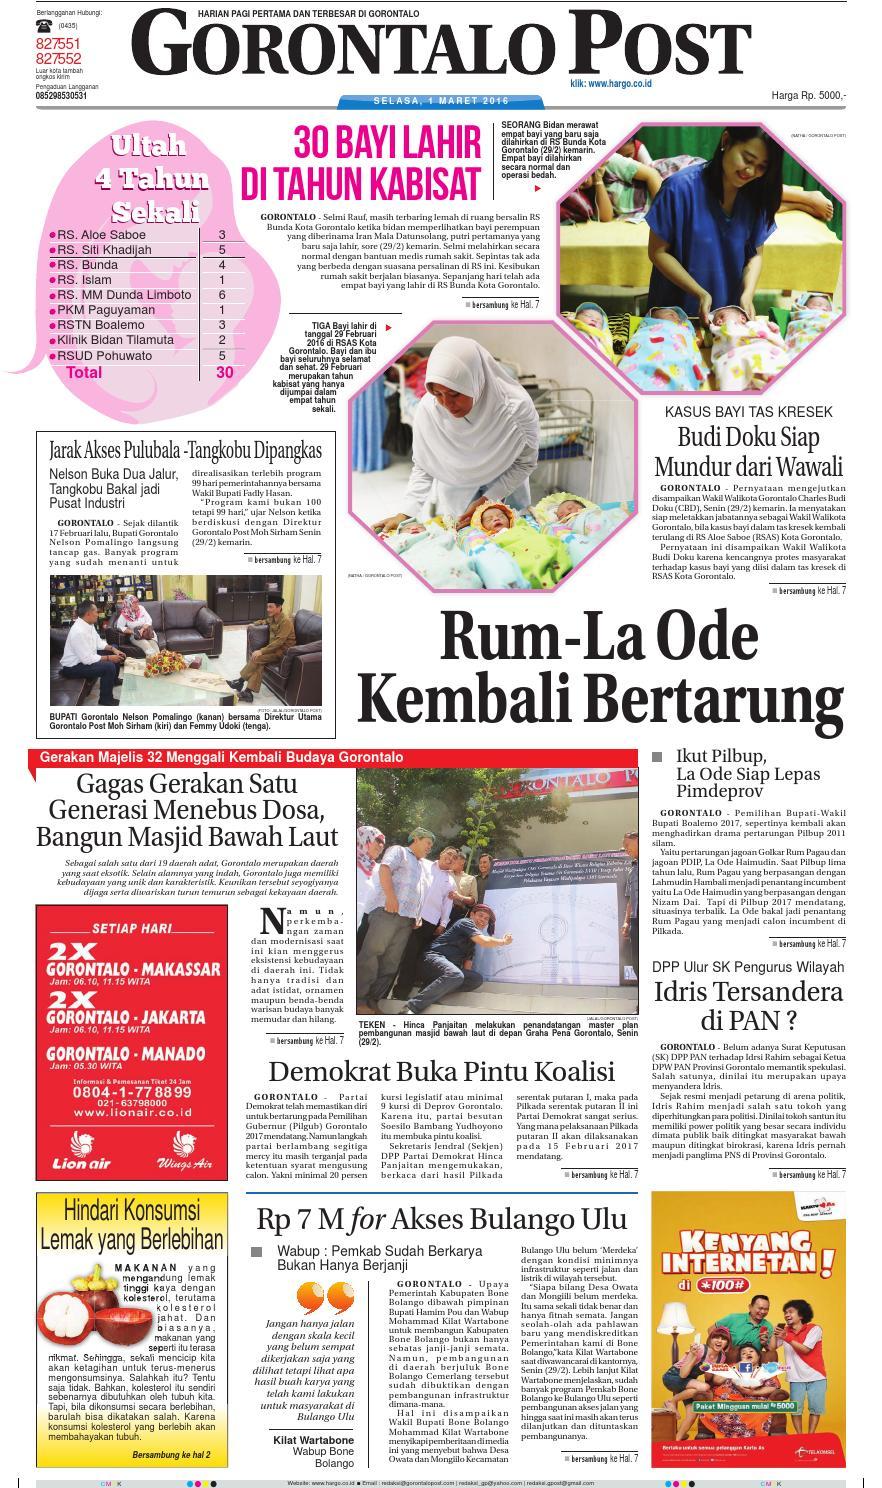 Jual Produk Ukm Bumn Bunga Meja Daur Ulang Gorontalo Terbaru 2018 Bale Sehat Teh Rosella Merah 3 Box Selasa 01 Maret 2016 By Post Issuu